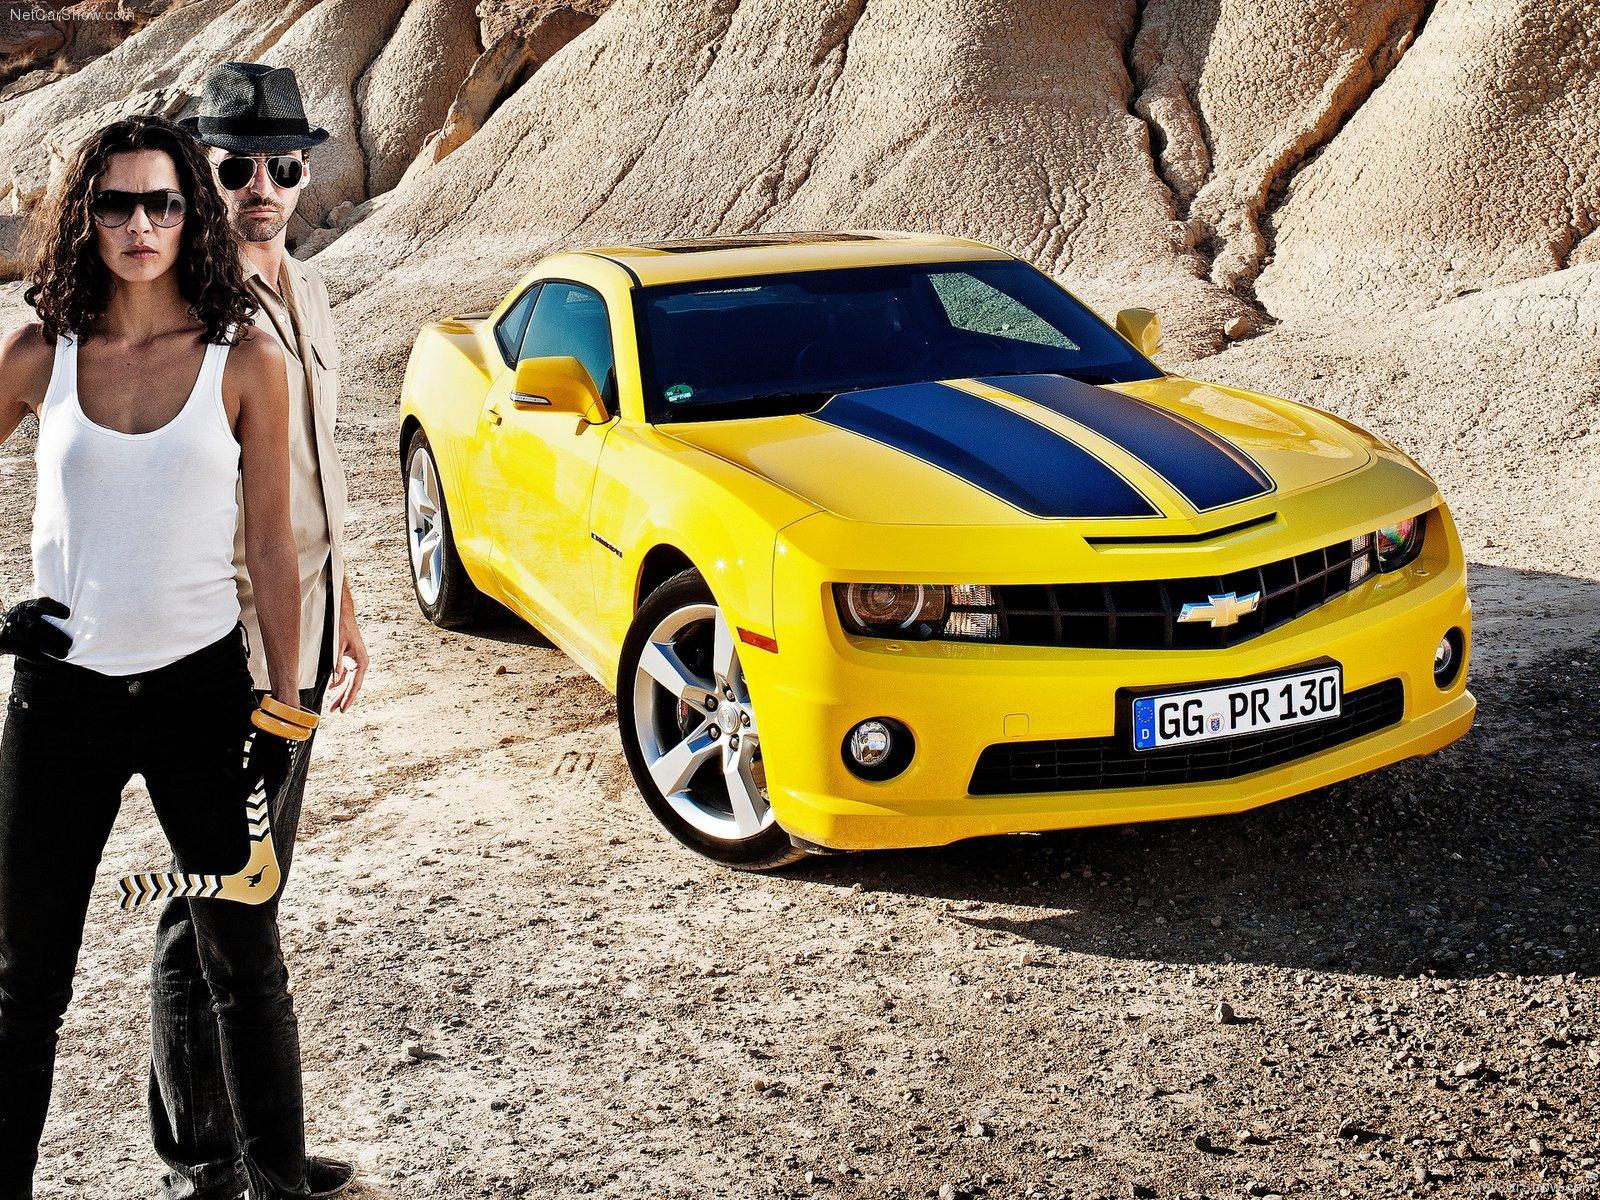 три девушки возле желтой машины картинки это